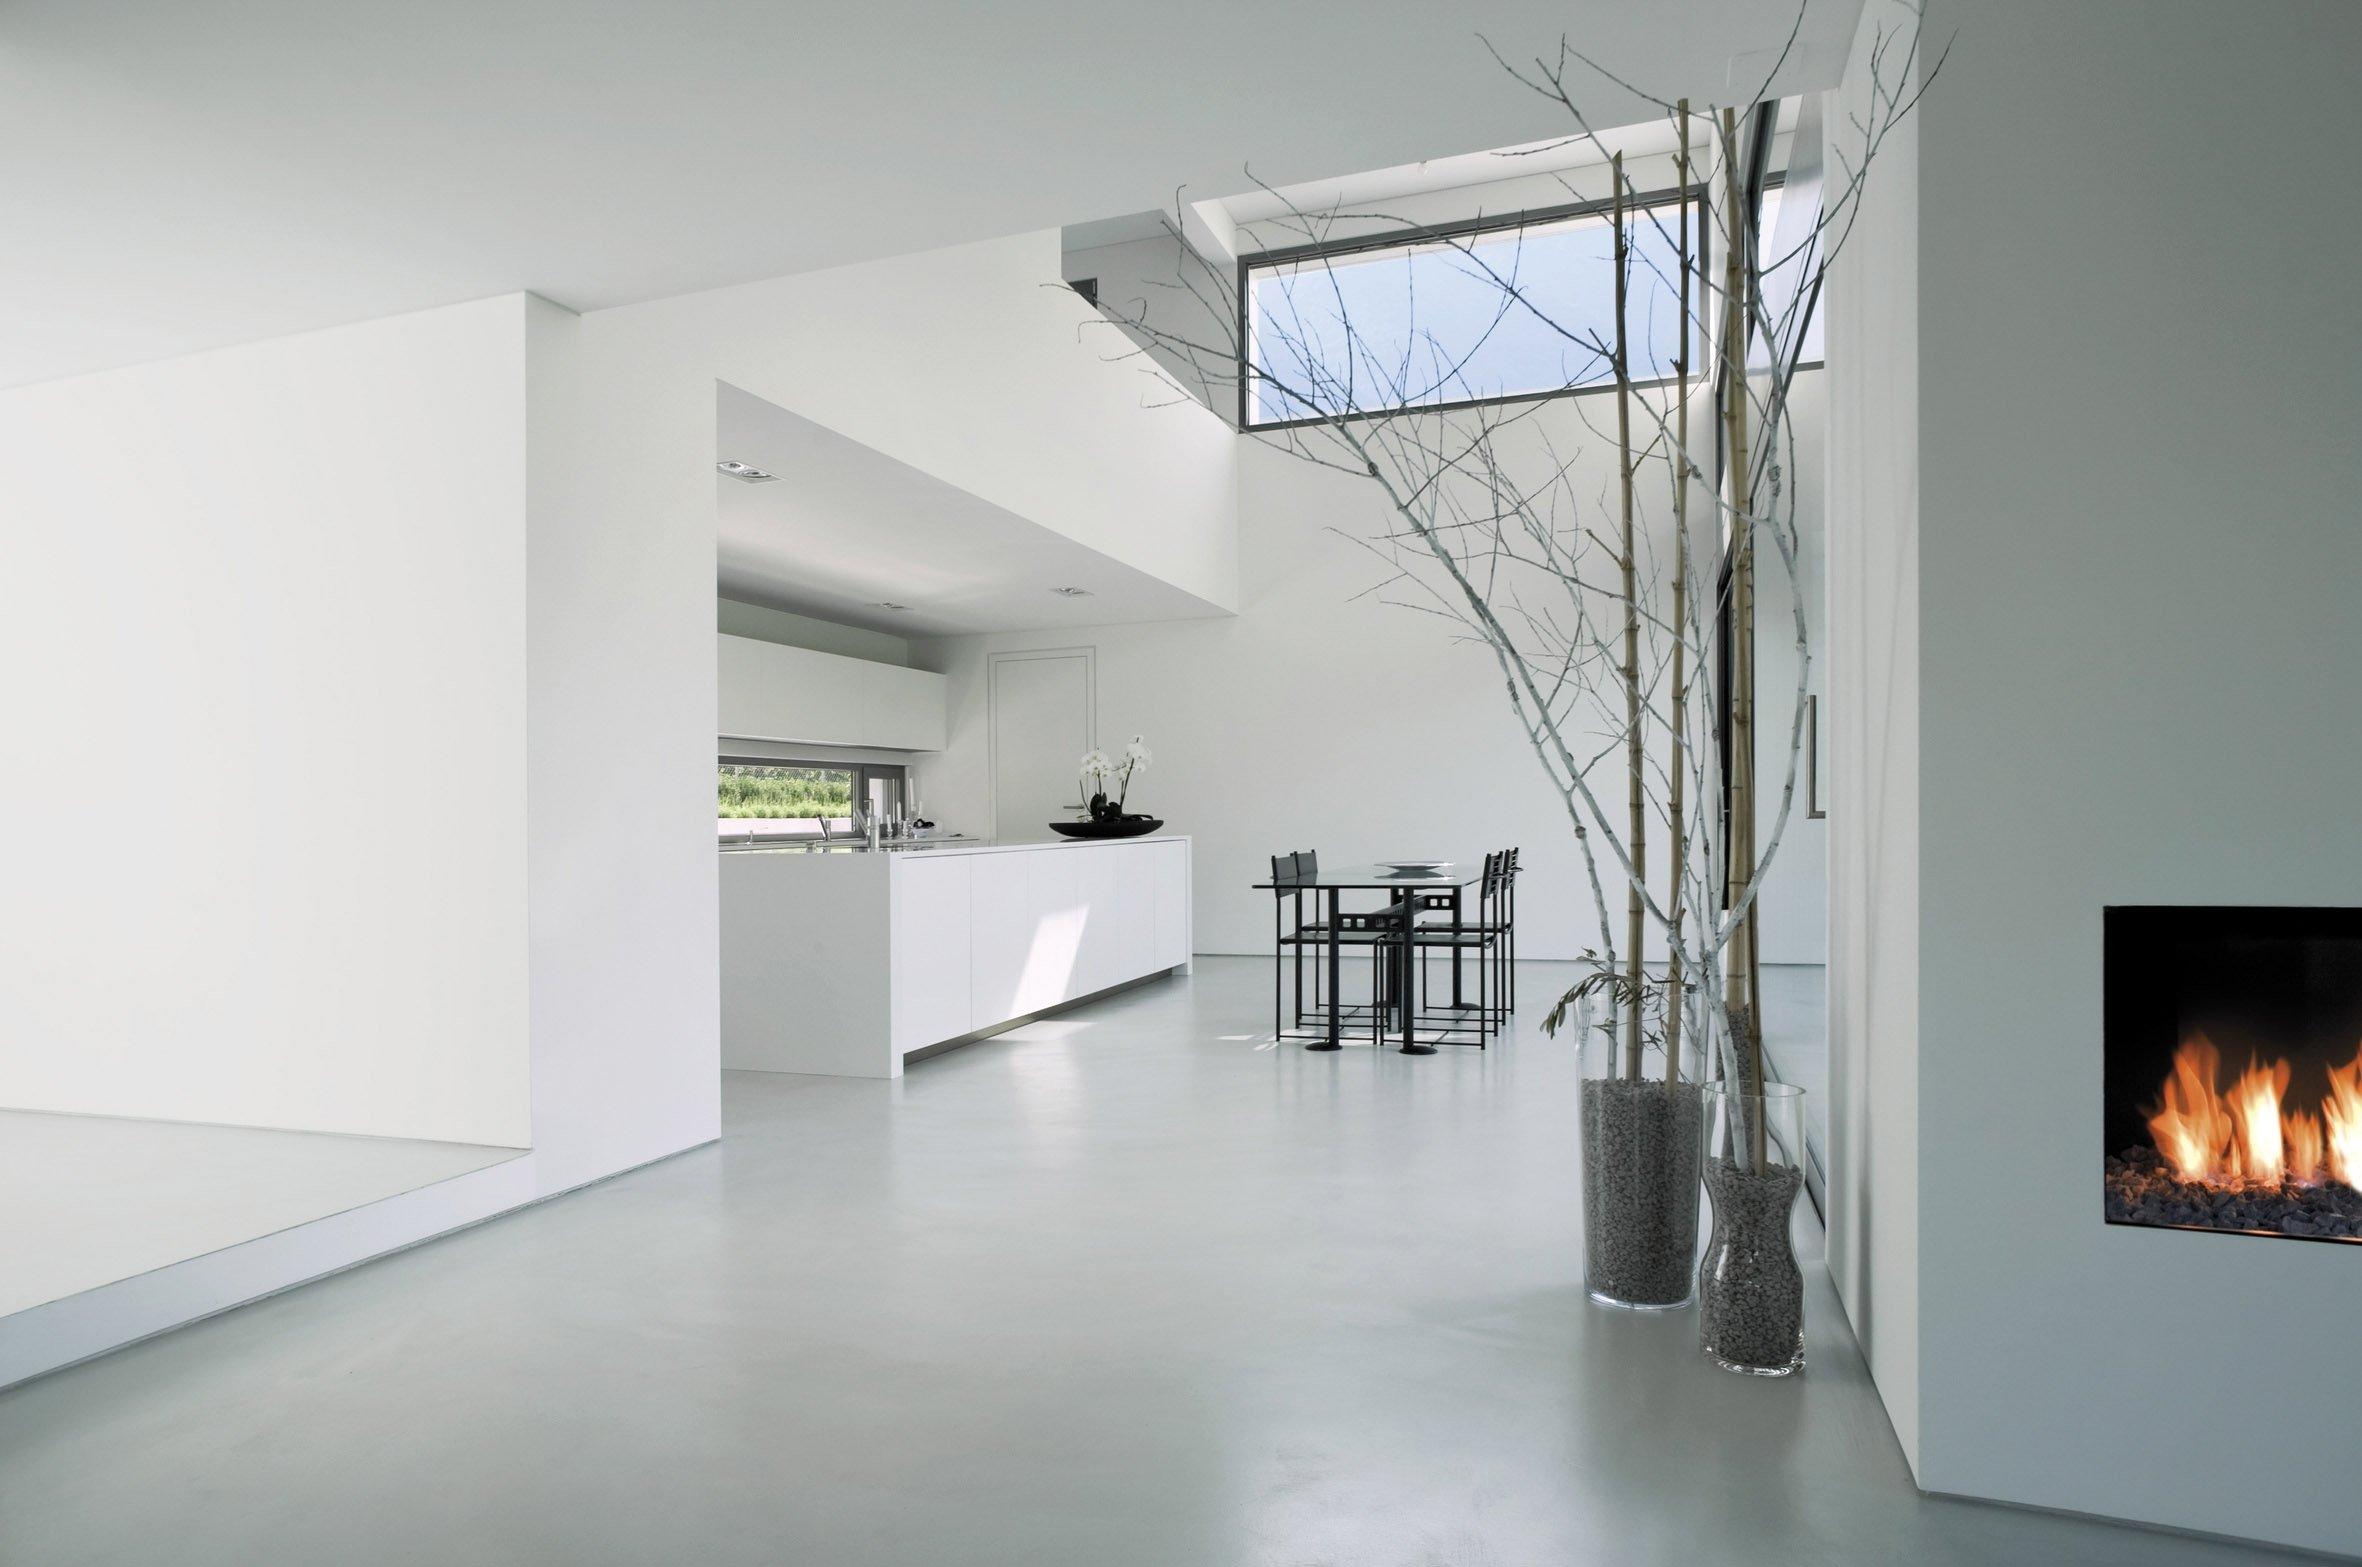 Ristrutturazione edilizia per l'appartamento   cose di casa